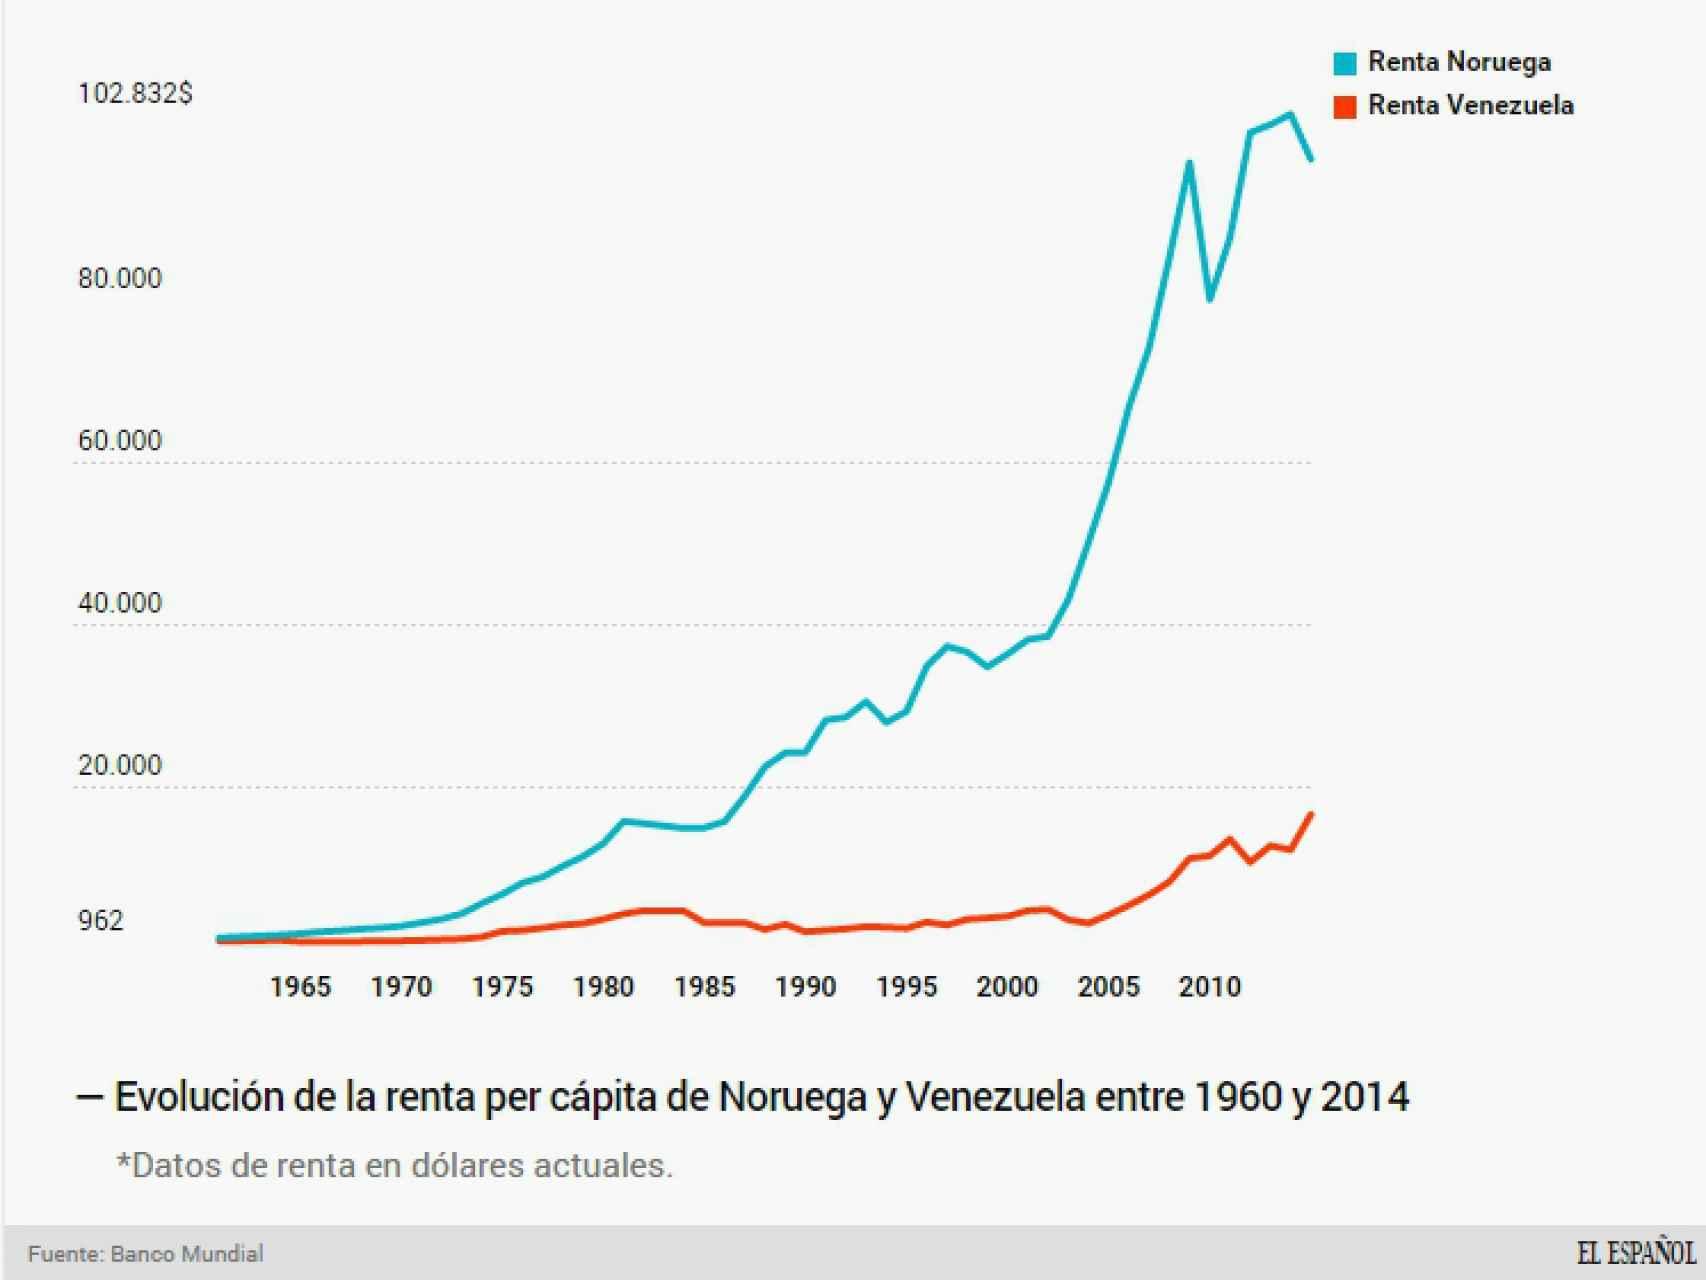 Noruega y Venezuela son exportadores de petróleo.